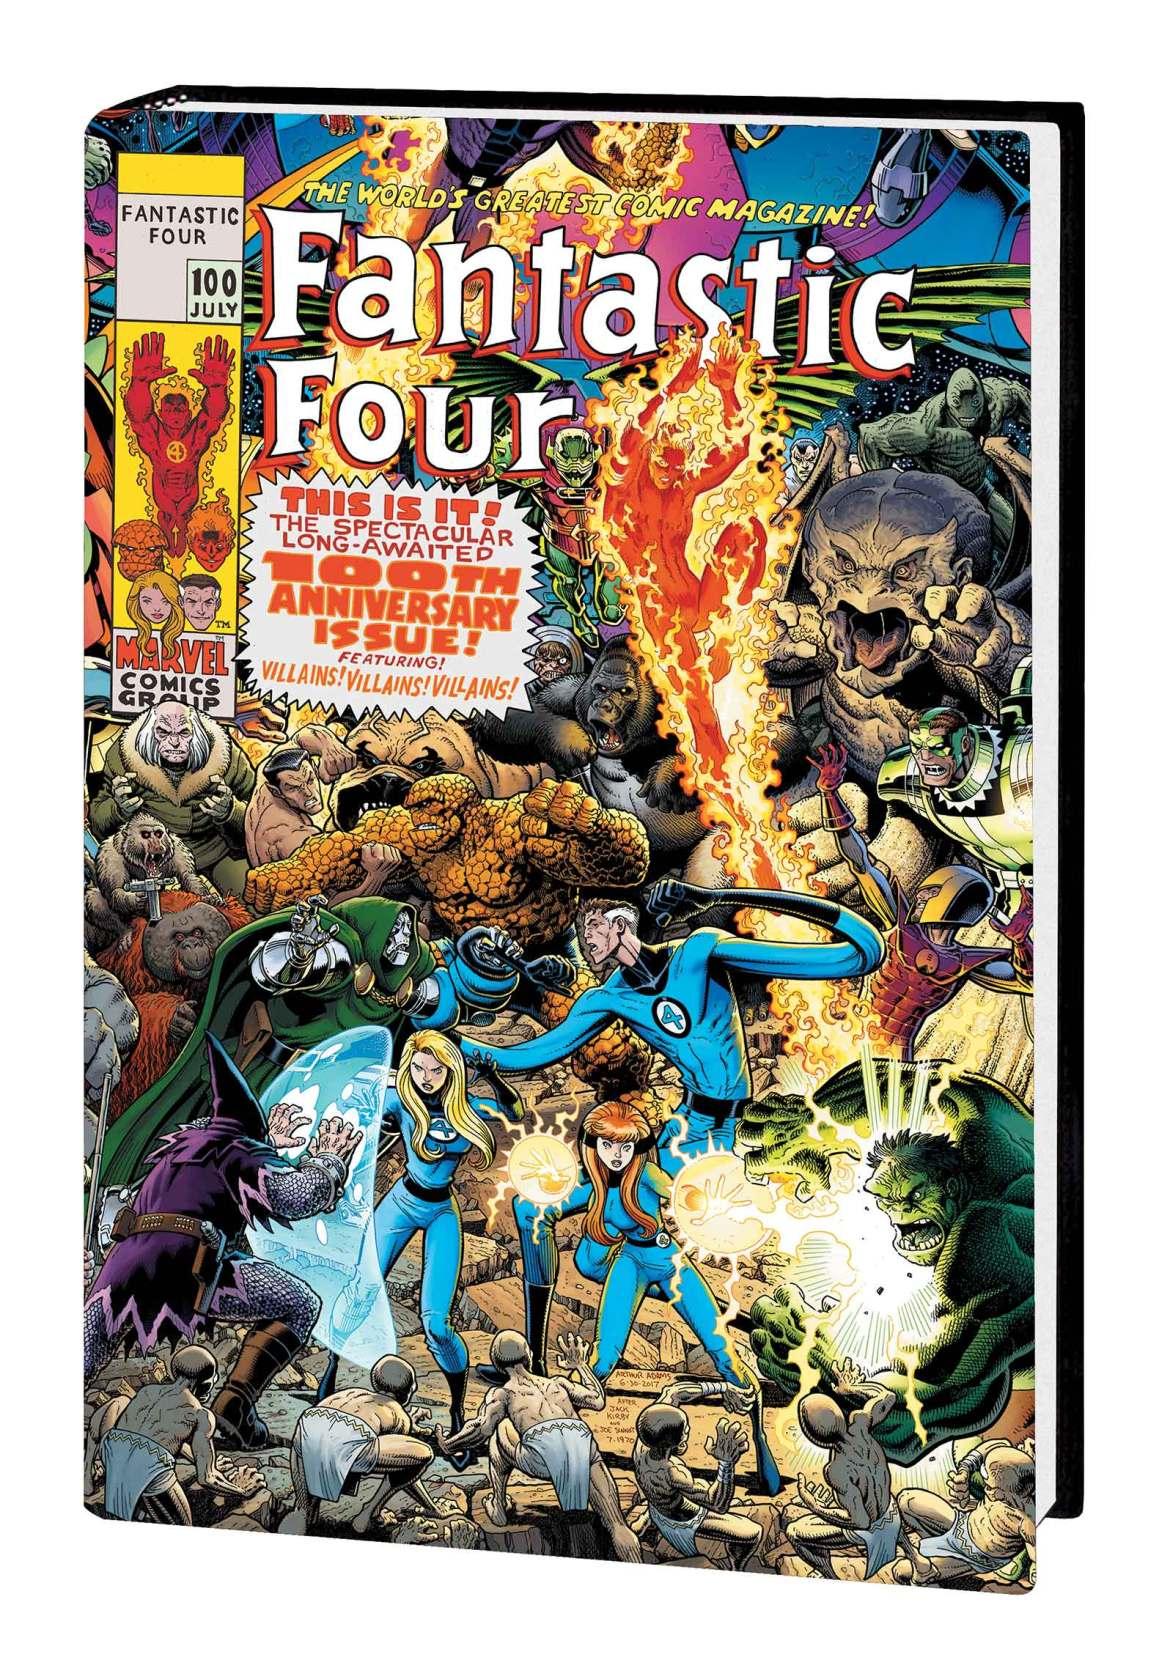 FF_OMNIBUS_V4_HC_ADAMS Marvel Comics May 2021 Solicitations